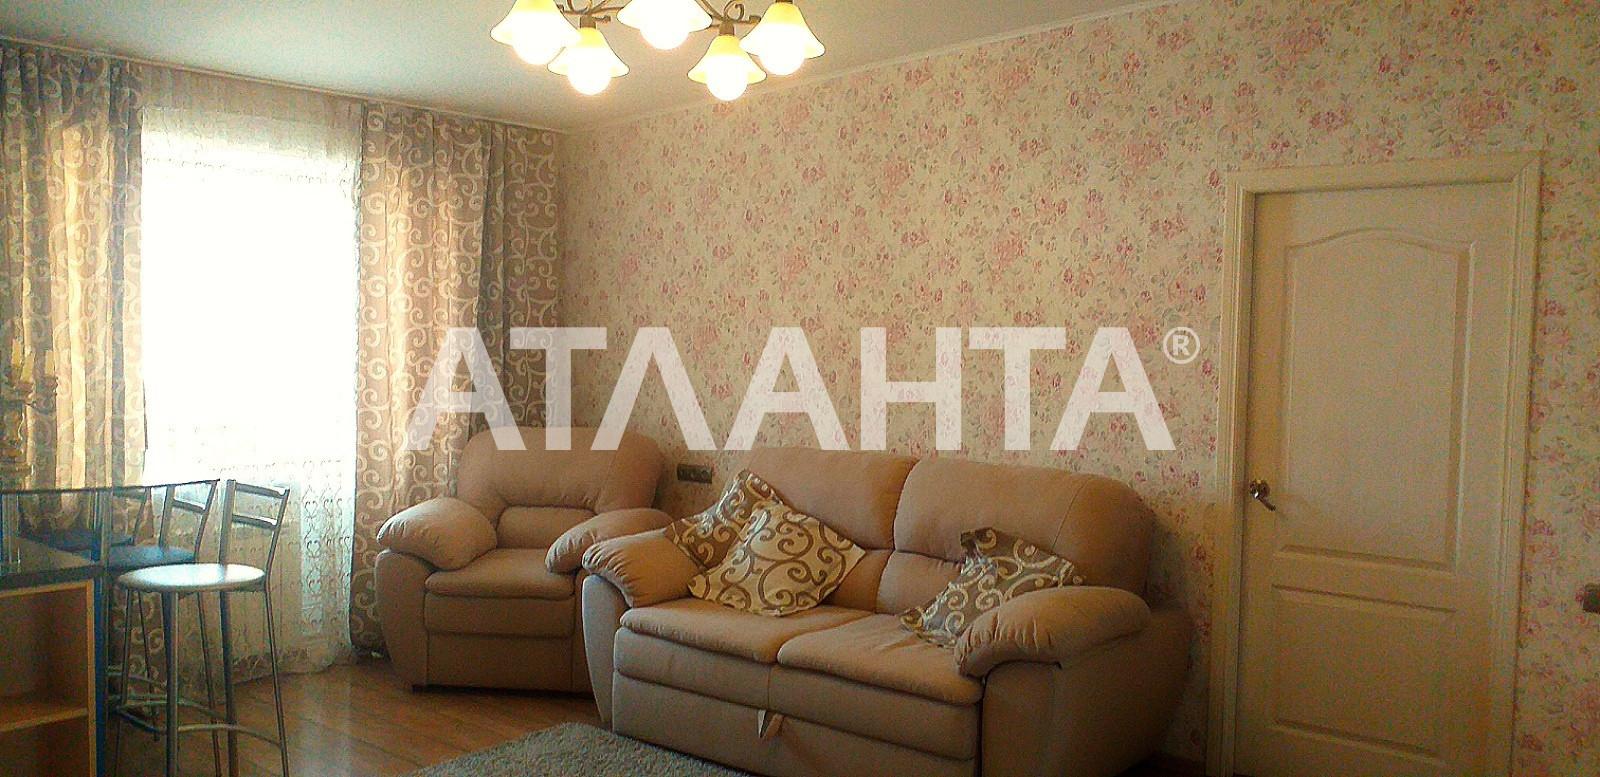 Продается 2-комнатная Квартира на ул. Пионерская (Варламова, Академическая) — 42 000 у.е. (фото №4)